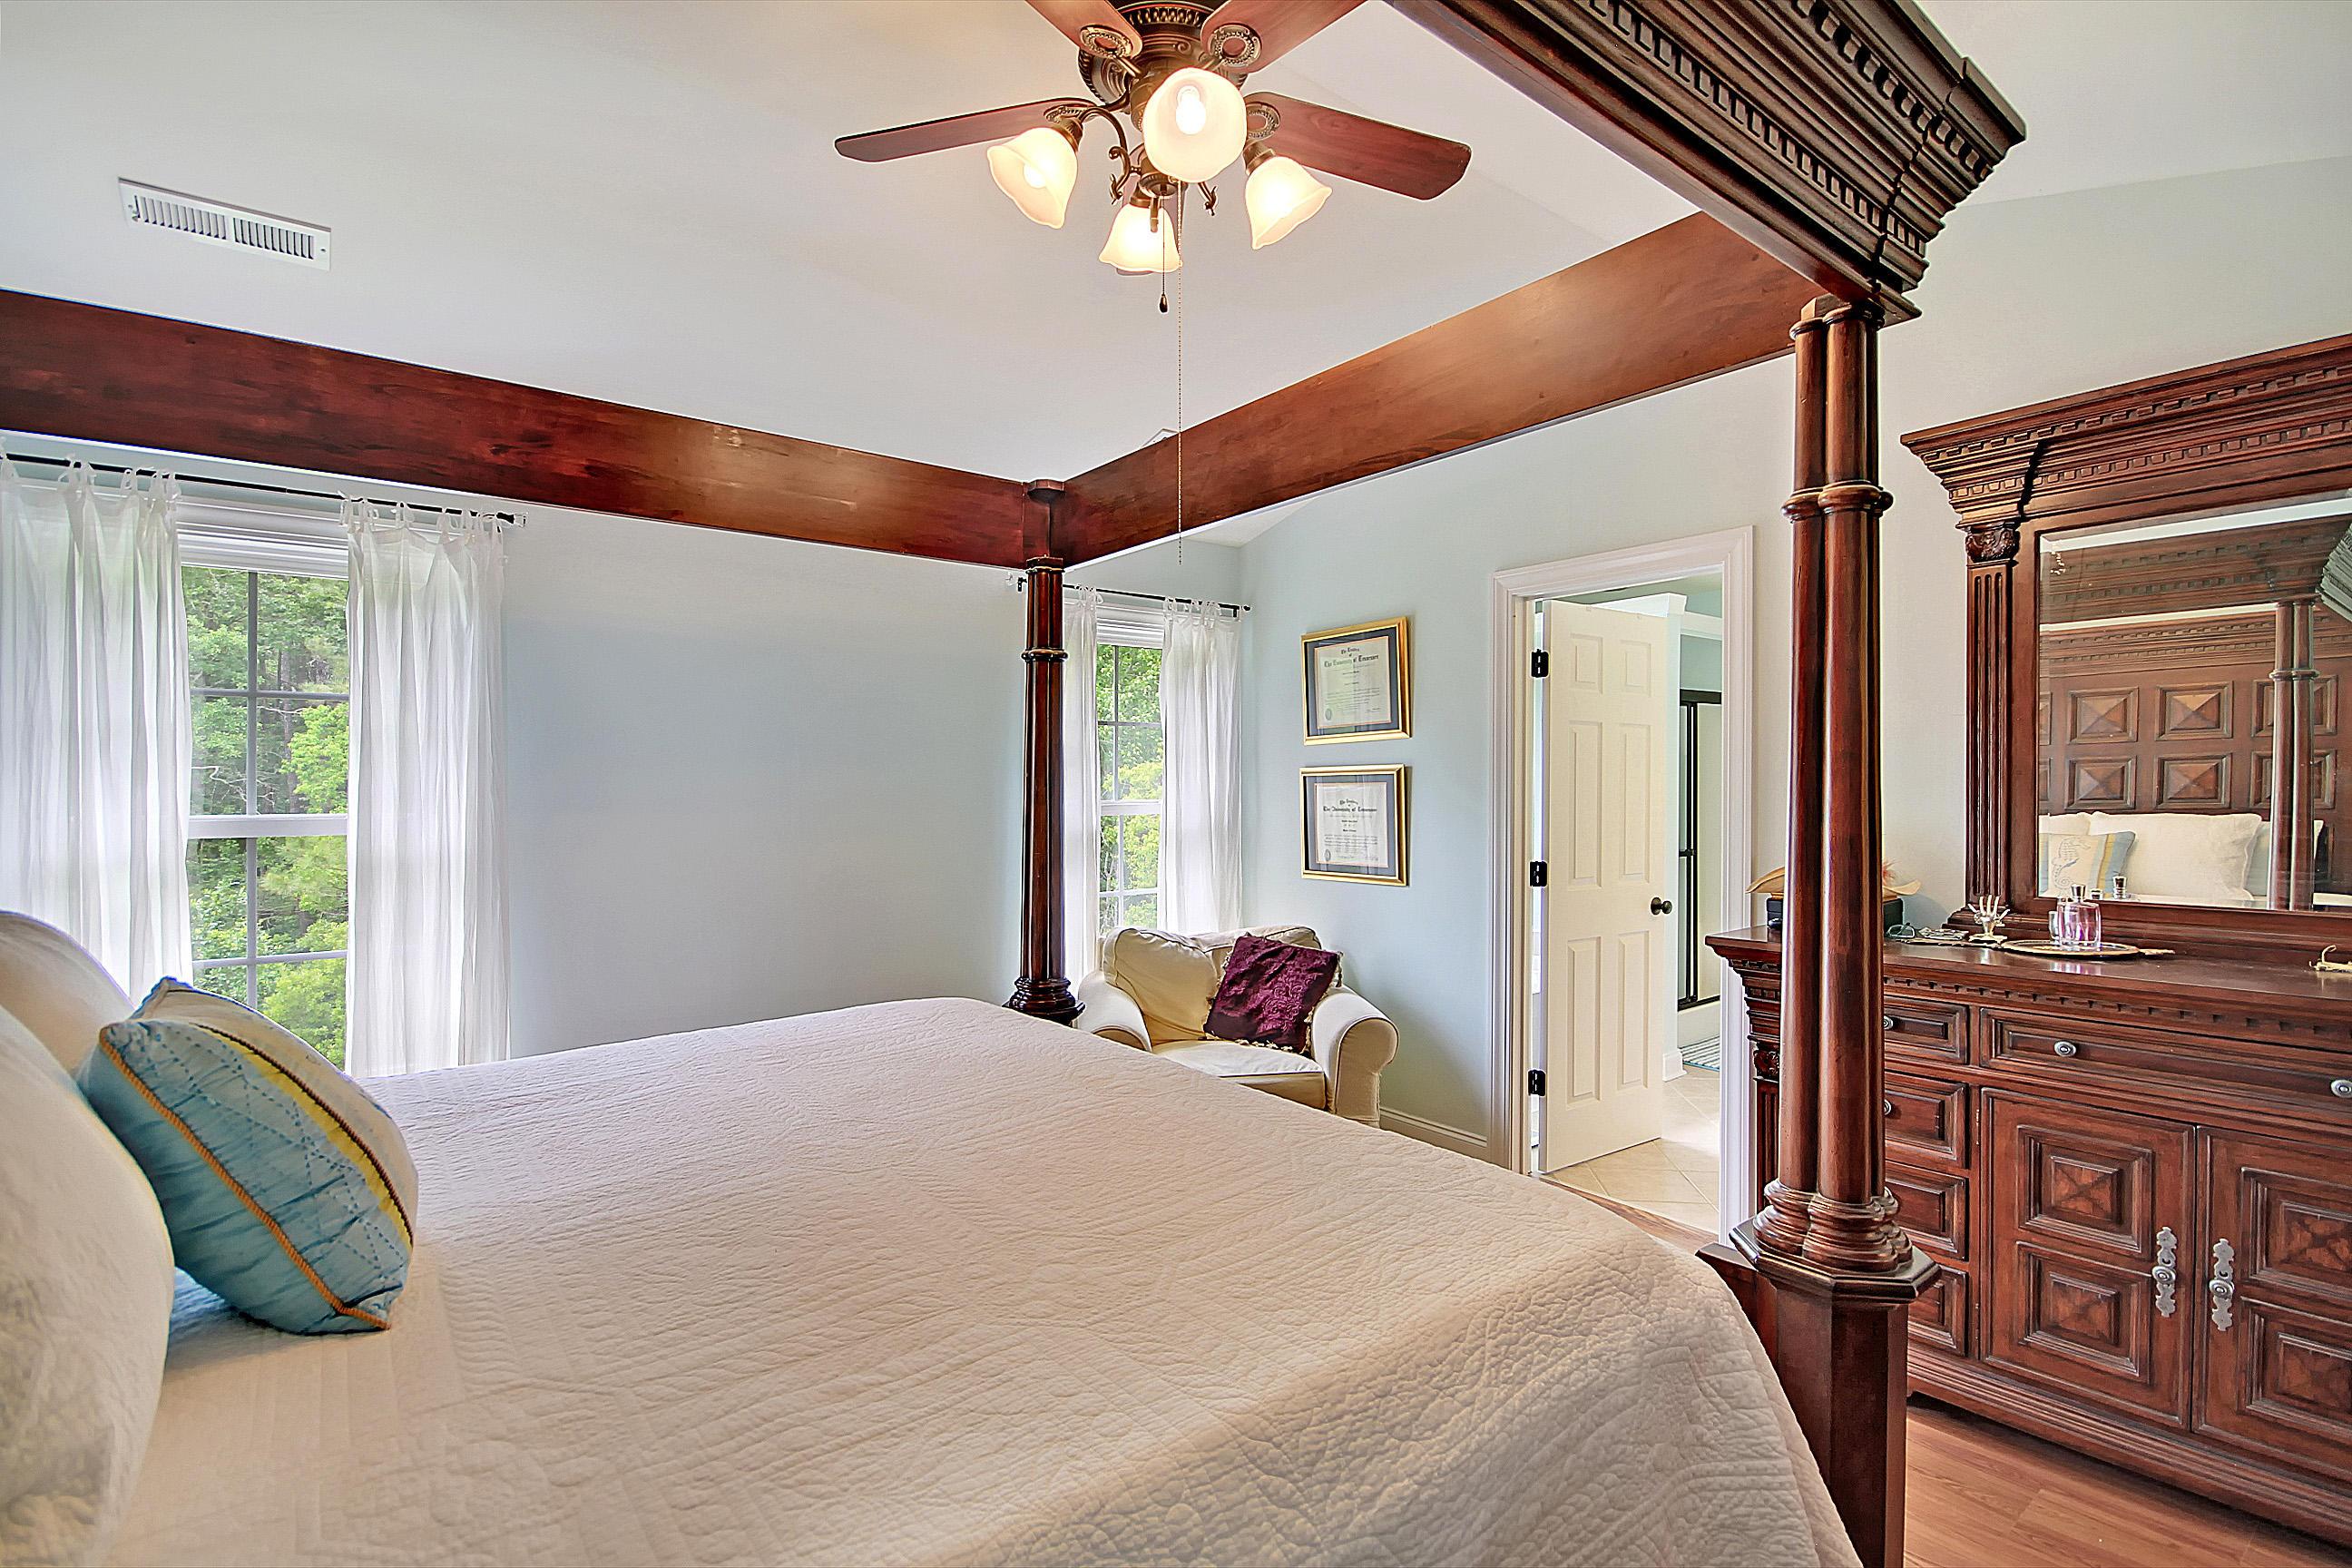 Park West Homes For Sale - 3624 Bagley, Mount Pleasant, SC - 20